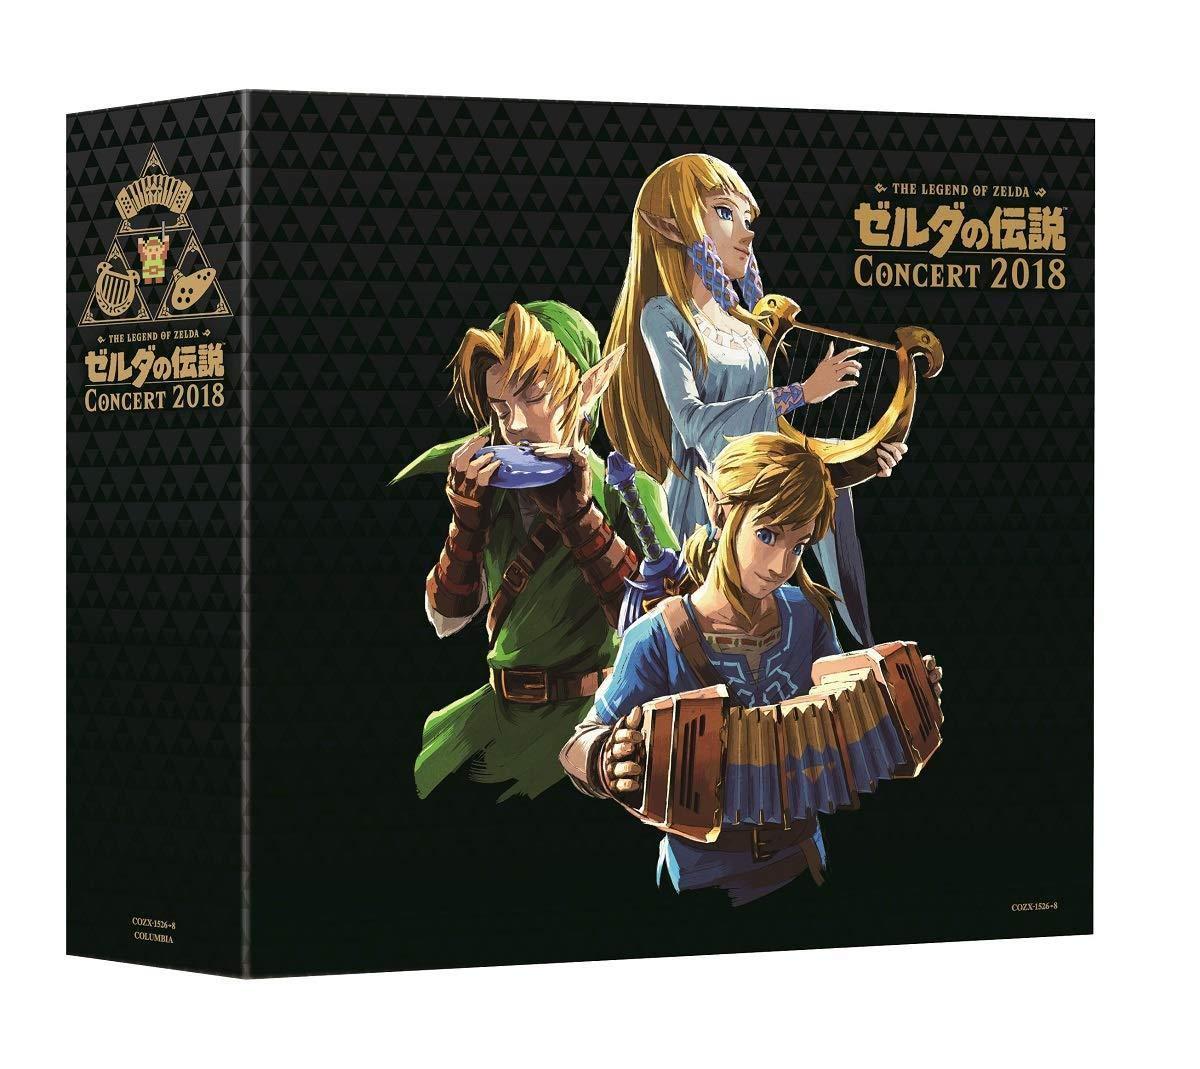 Legend Of Zelda Concert 2018 (Limited Edition) (Original Soundtrack) by Columbia Japan